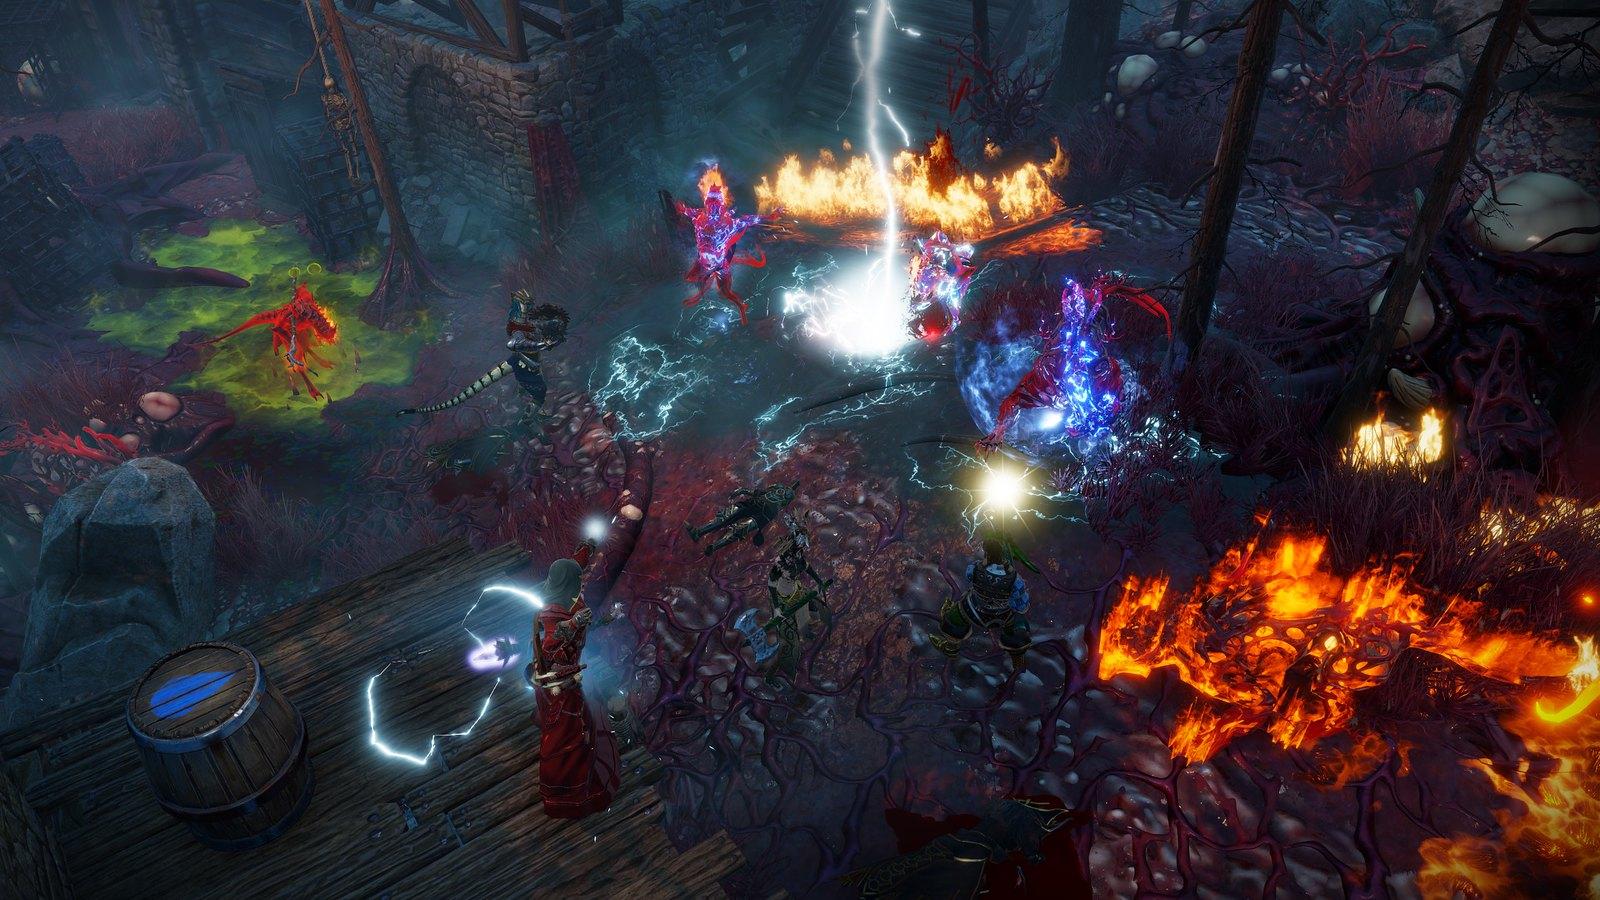 Итоги 2010-х: 10 лучших фантастических видеоигр поверсии читателей МФ 4